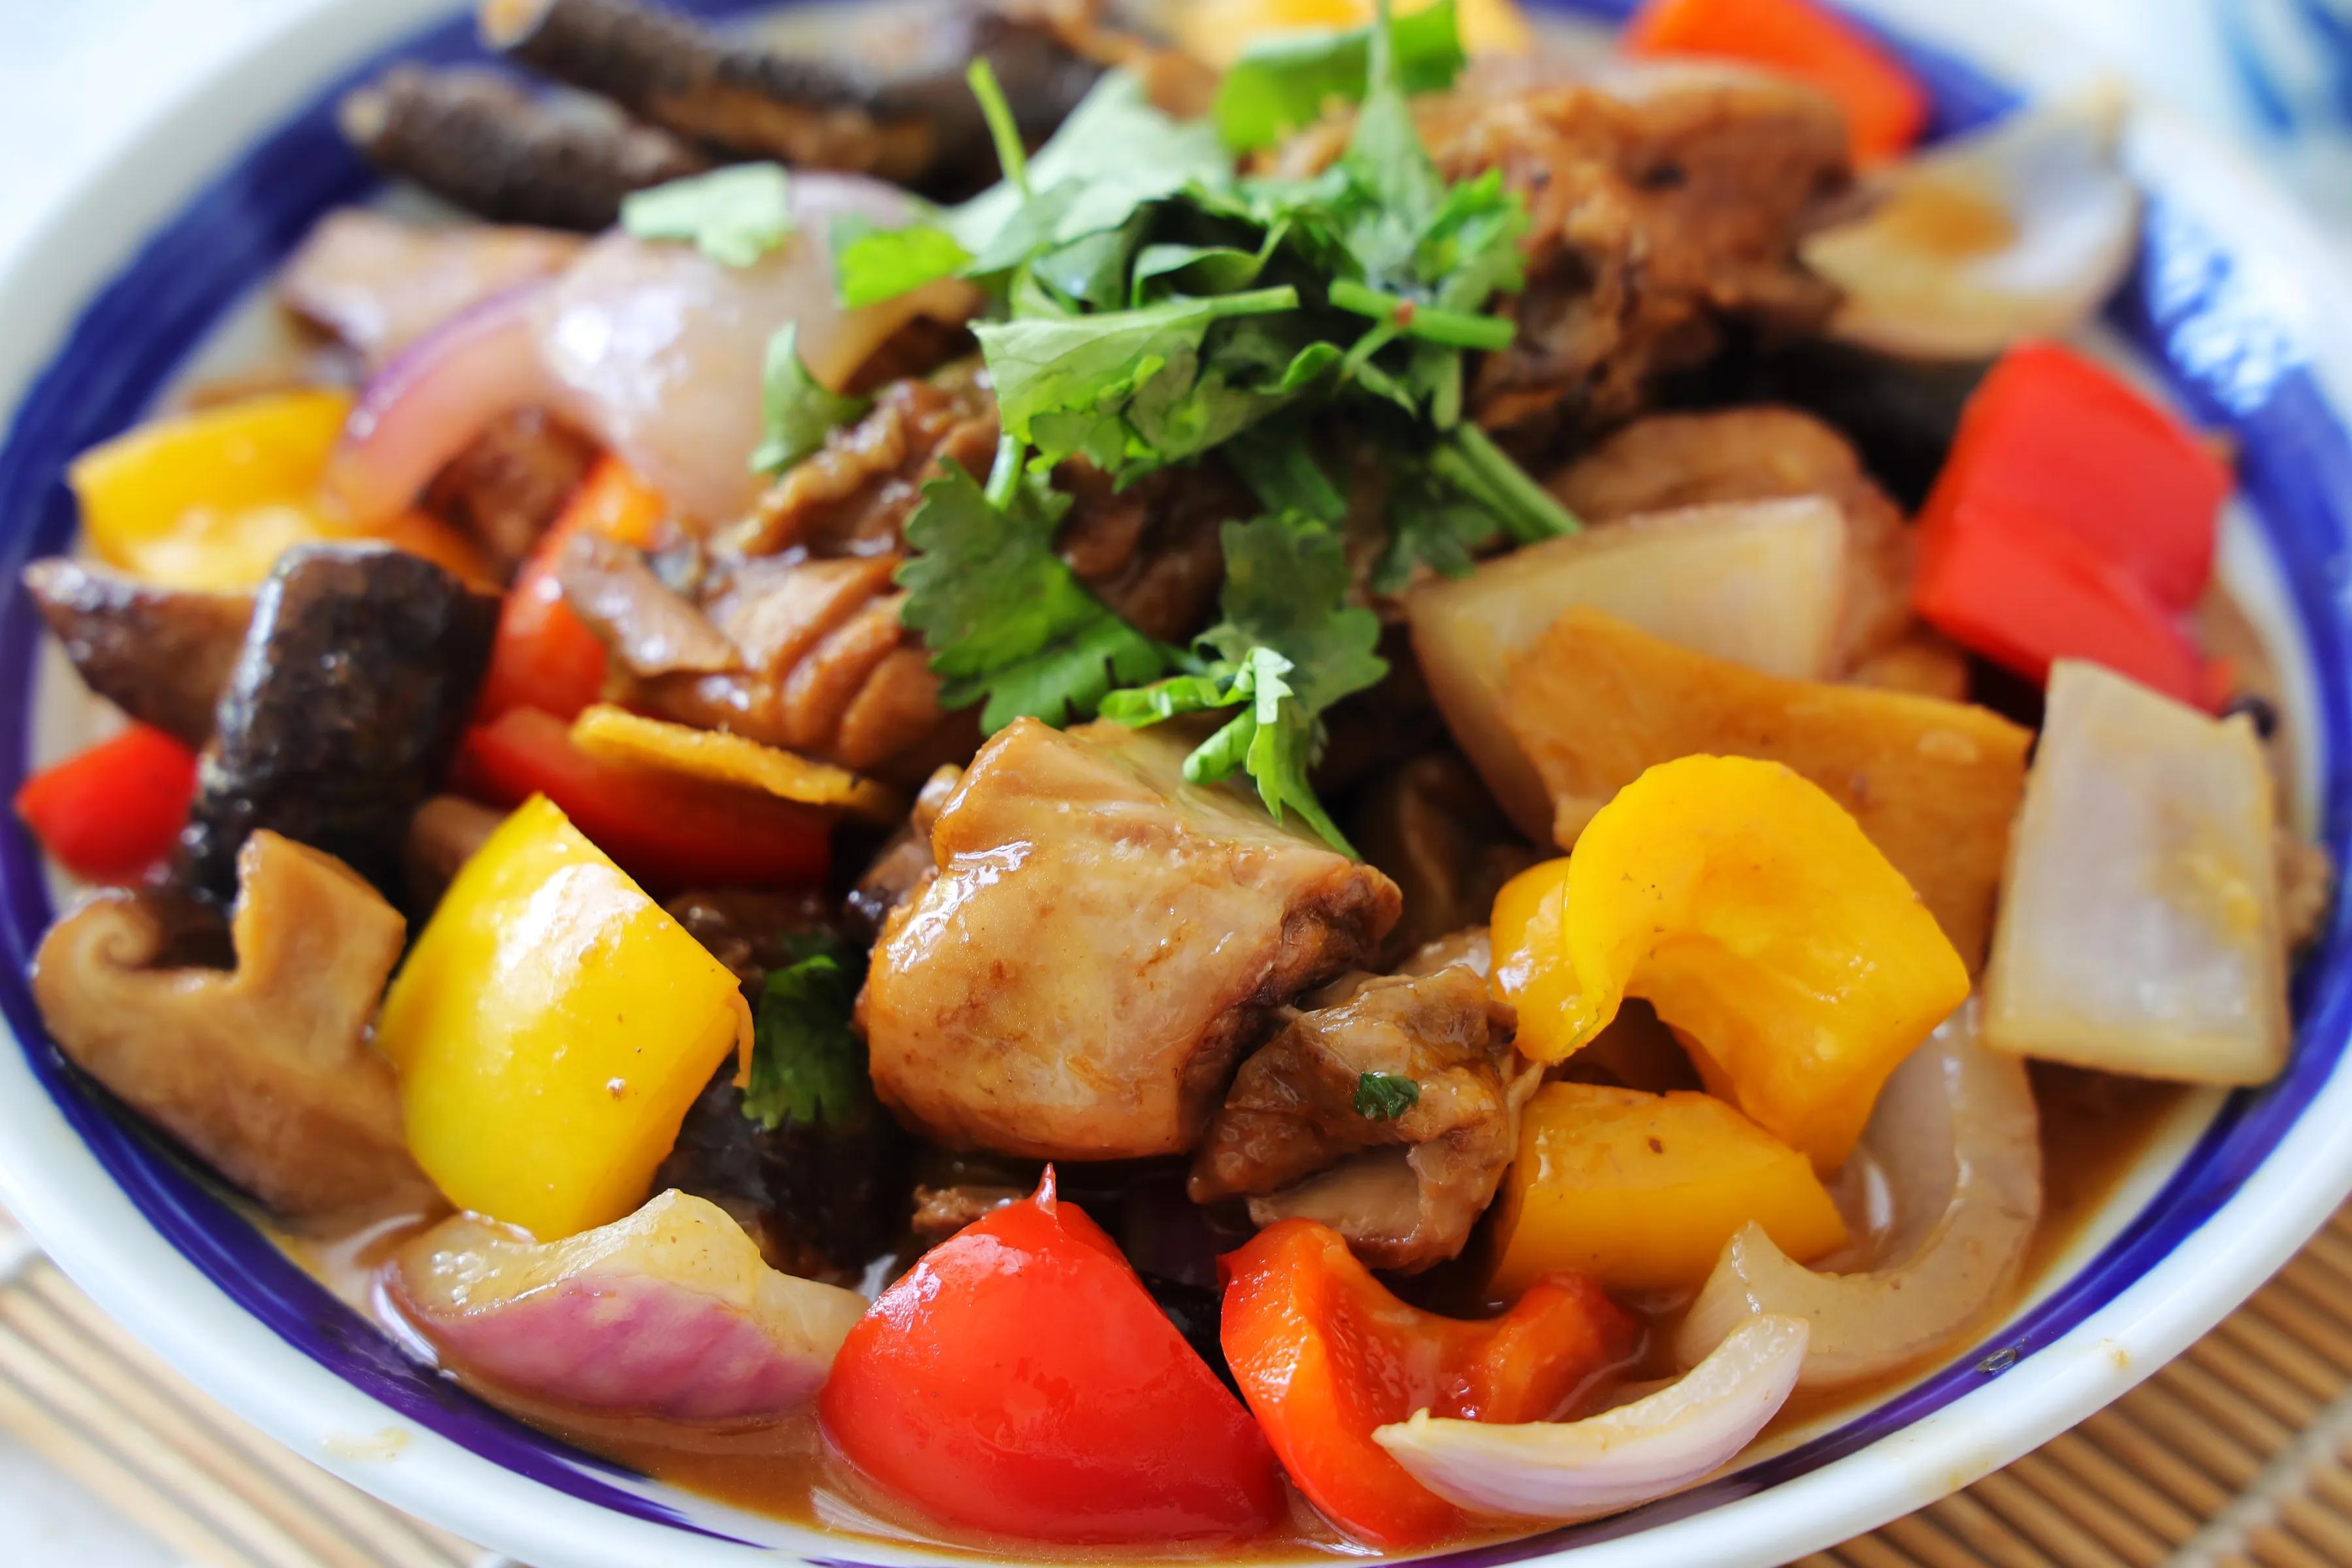 夏天没食欲,赶紧试试这道菜,汤汁鲜美,有菜有肉,味道好极了